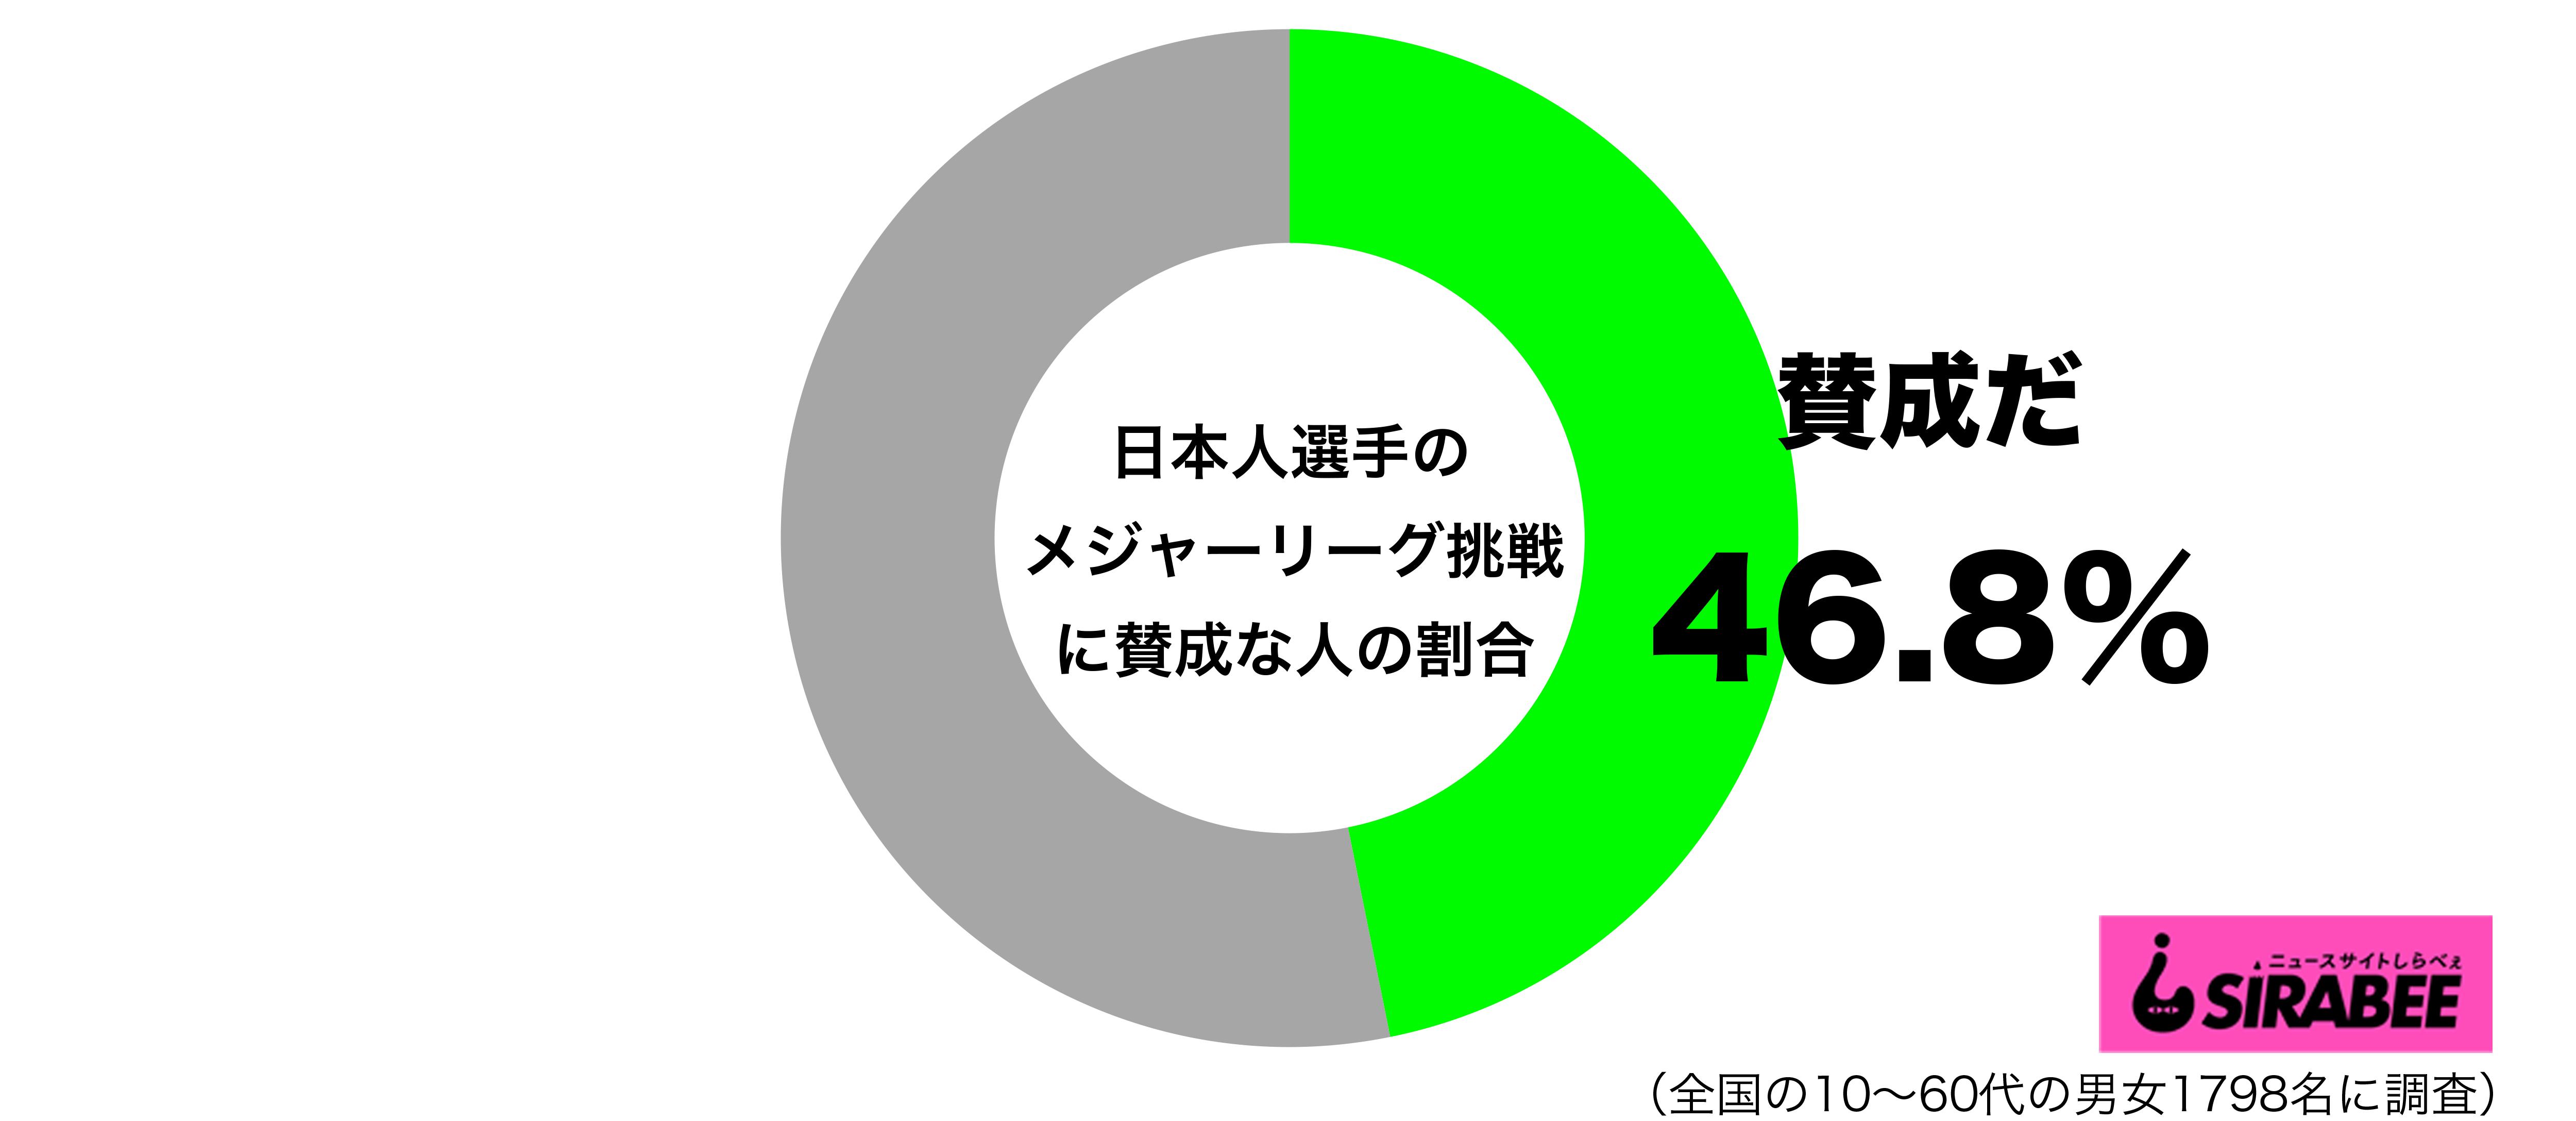 日本人選手のメジャーリーグ挑戦に賛成だグラフ